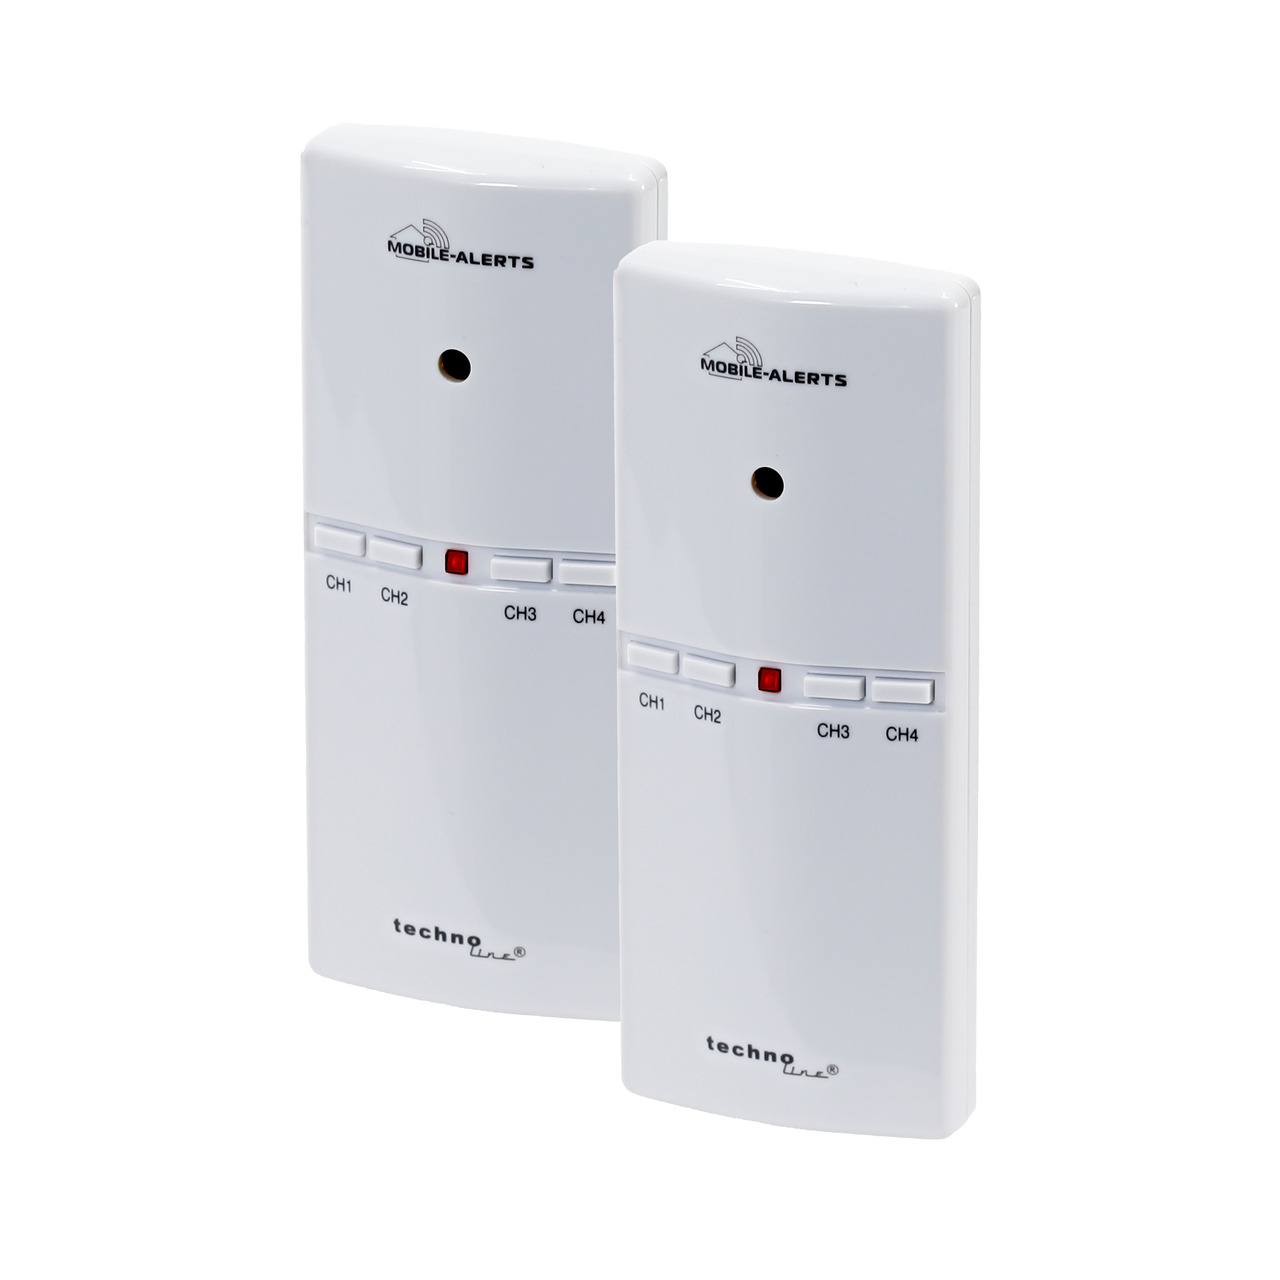 ELV Mobile Alerts Alarmgeber MA10860 für Gefahrenmelder- inkl. Temperatursensor- 2er Set